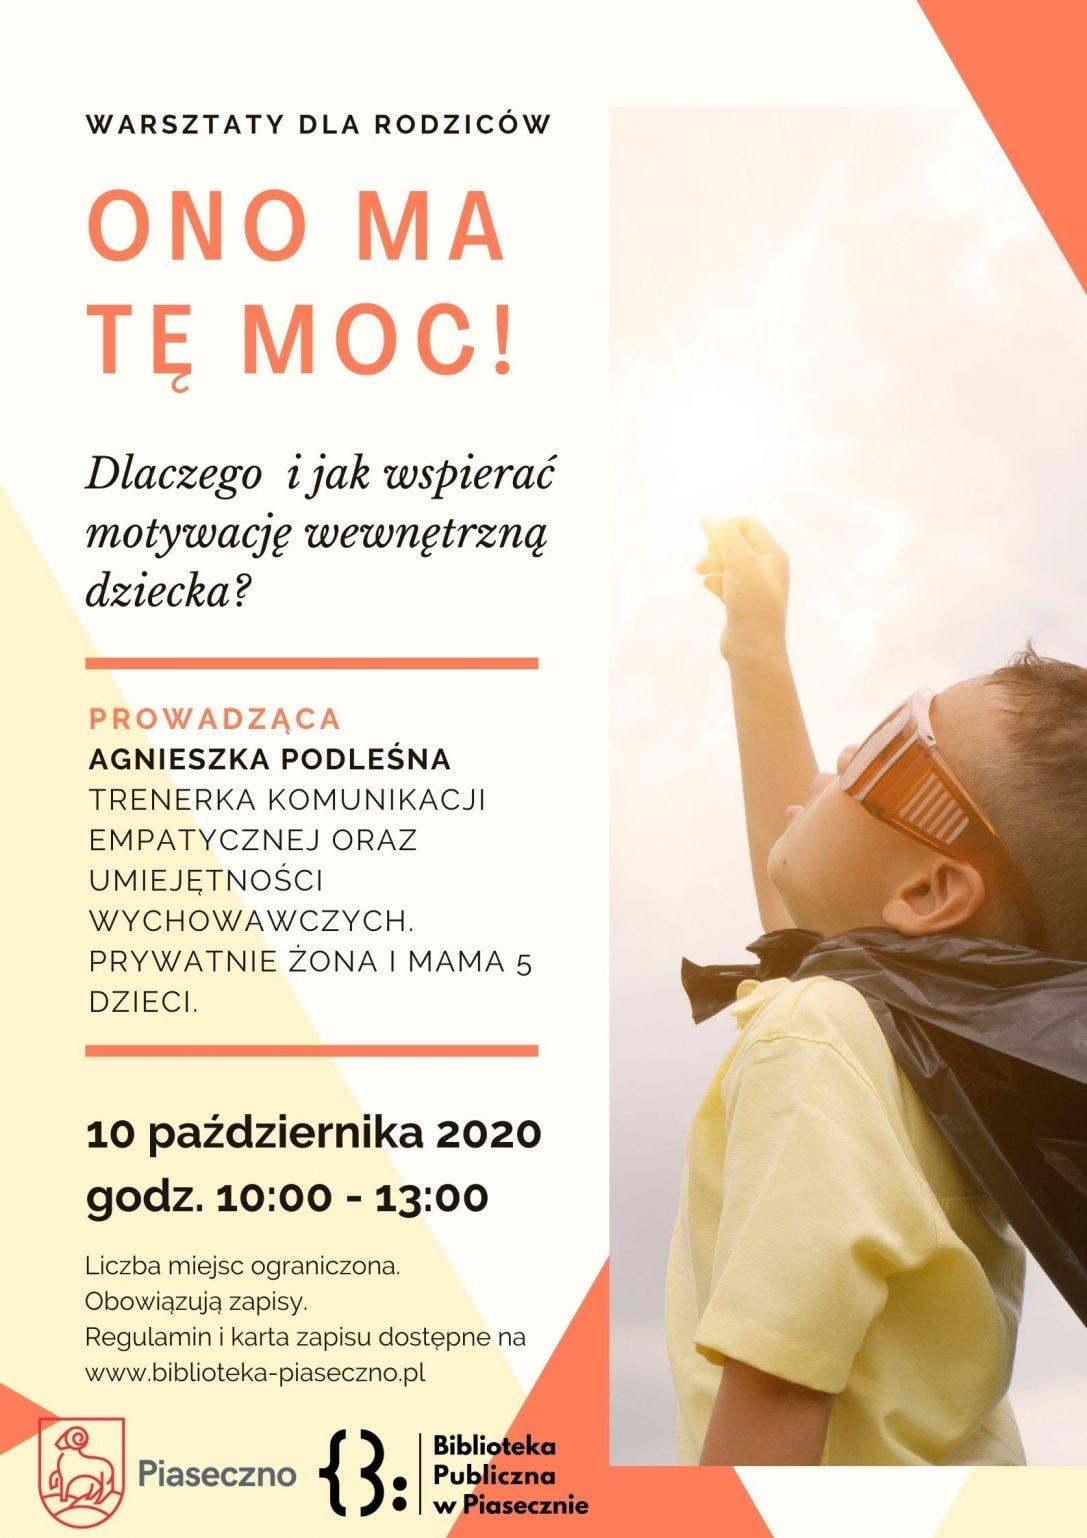 Plakat promujący warsztaty Ono Ma Tę Moc